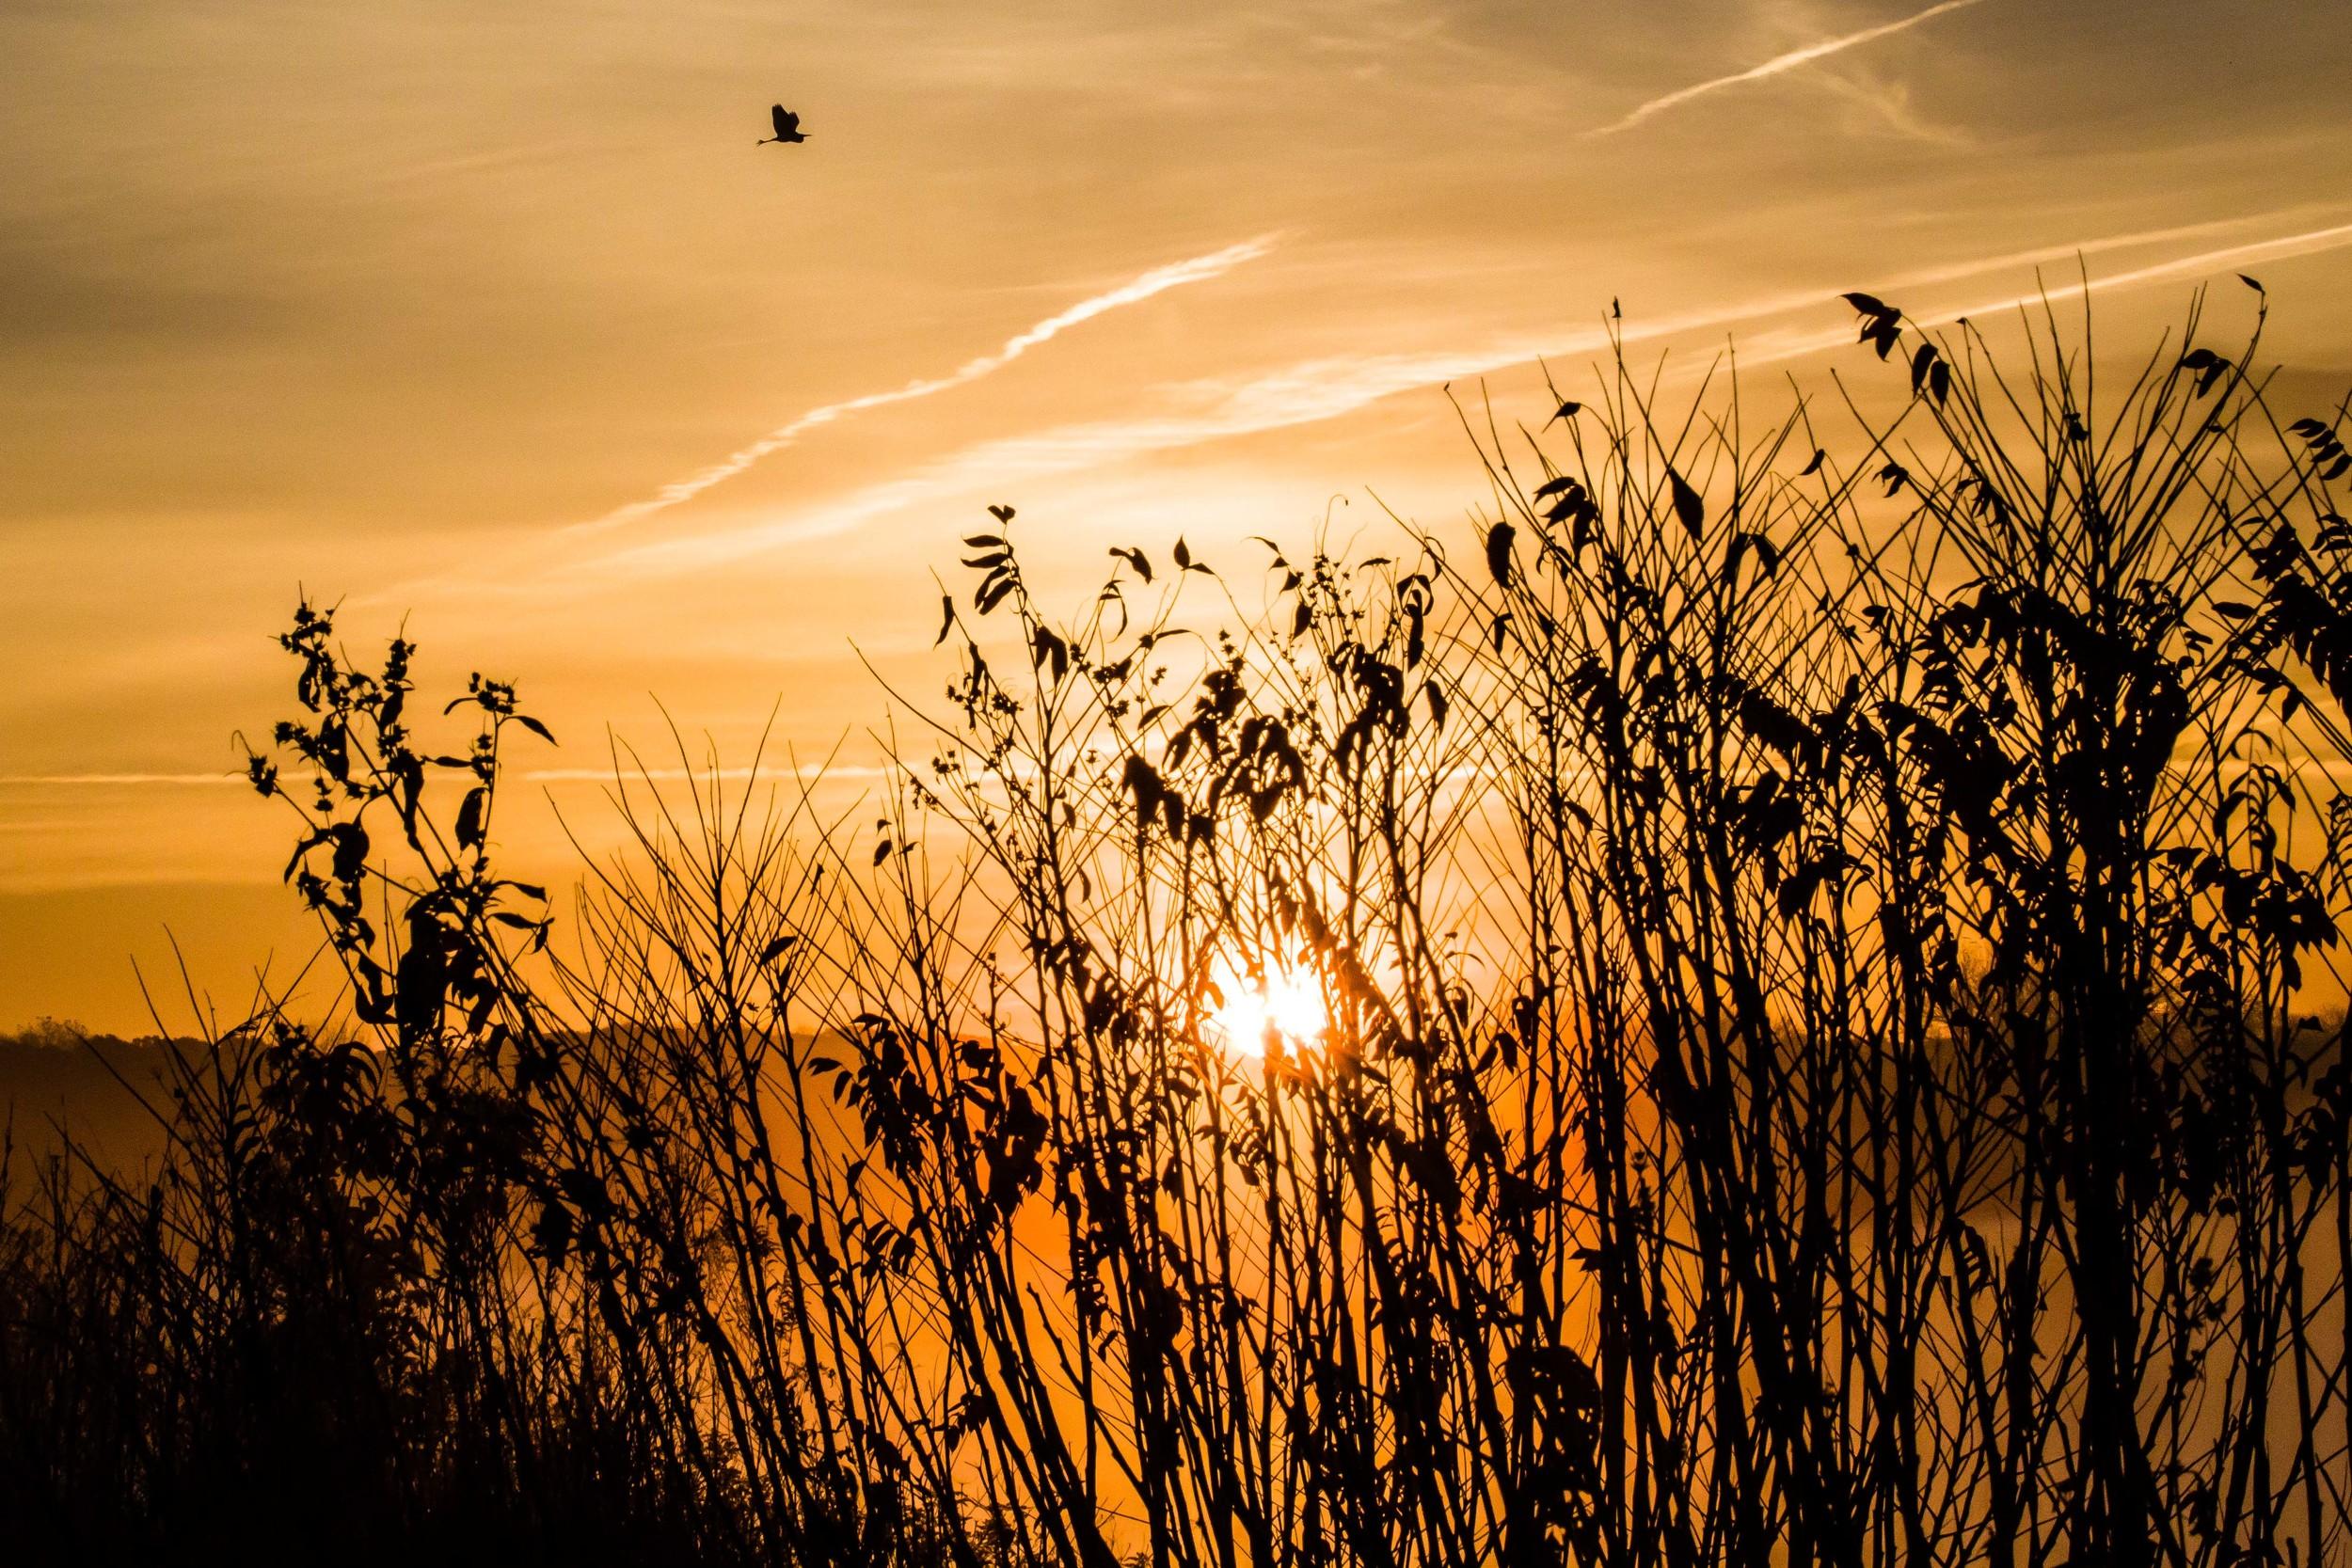 Iowa Sunrise, Ada Hayden Park, Ames, Iowa